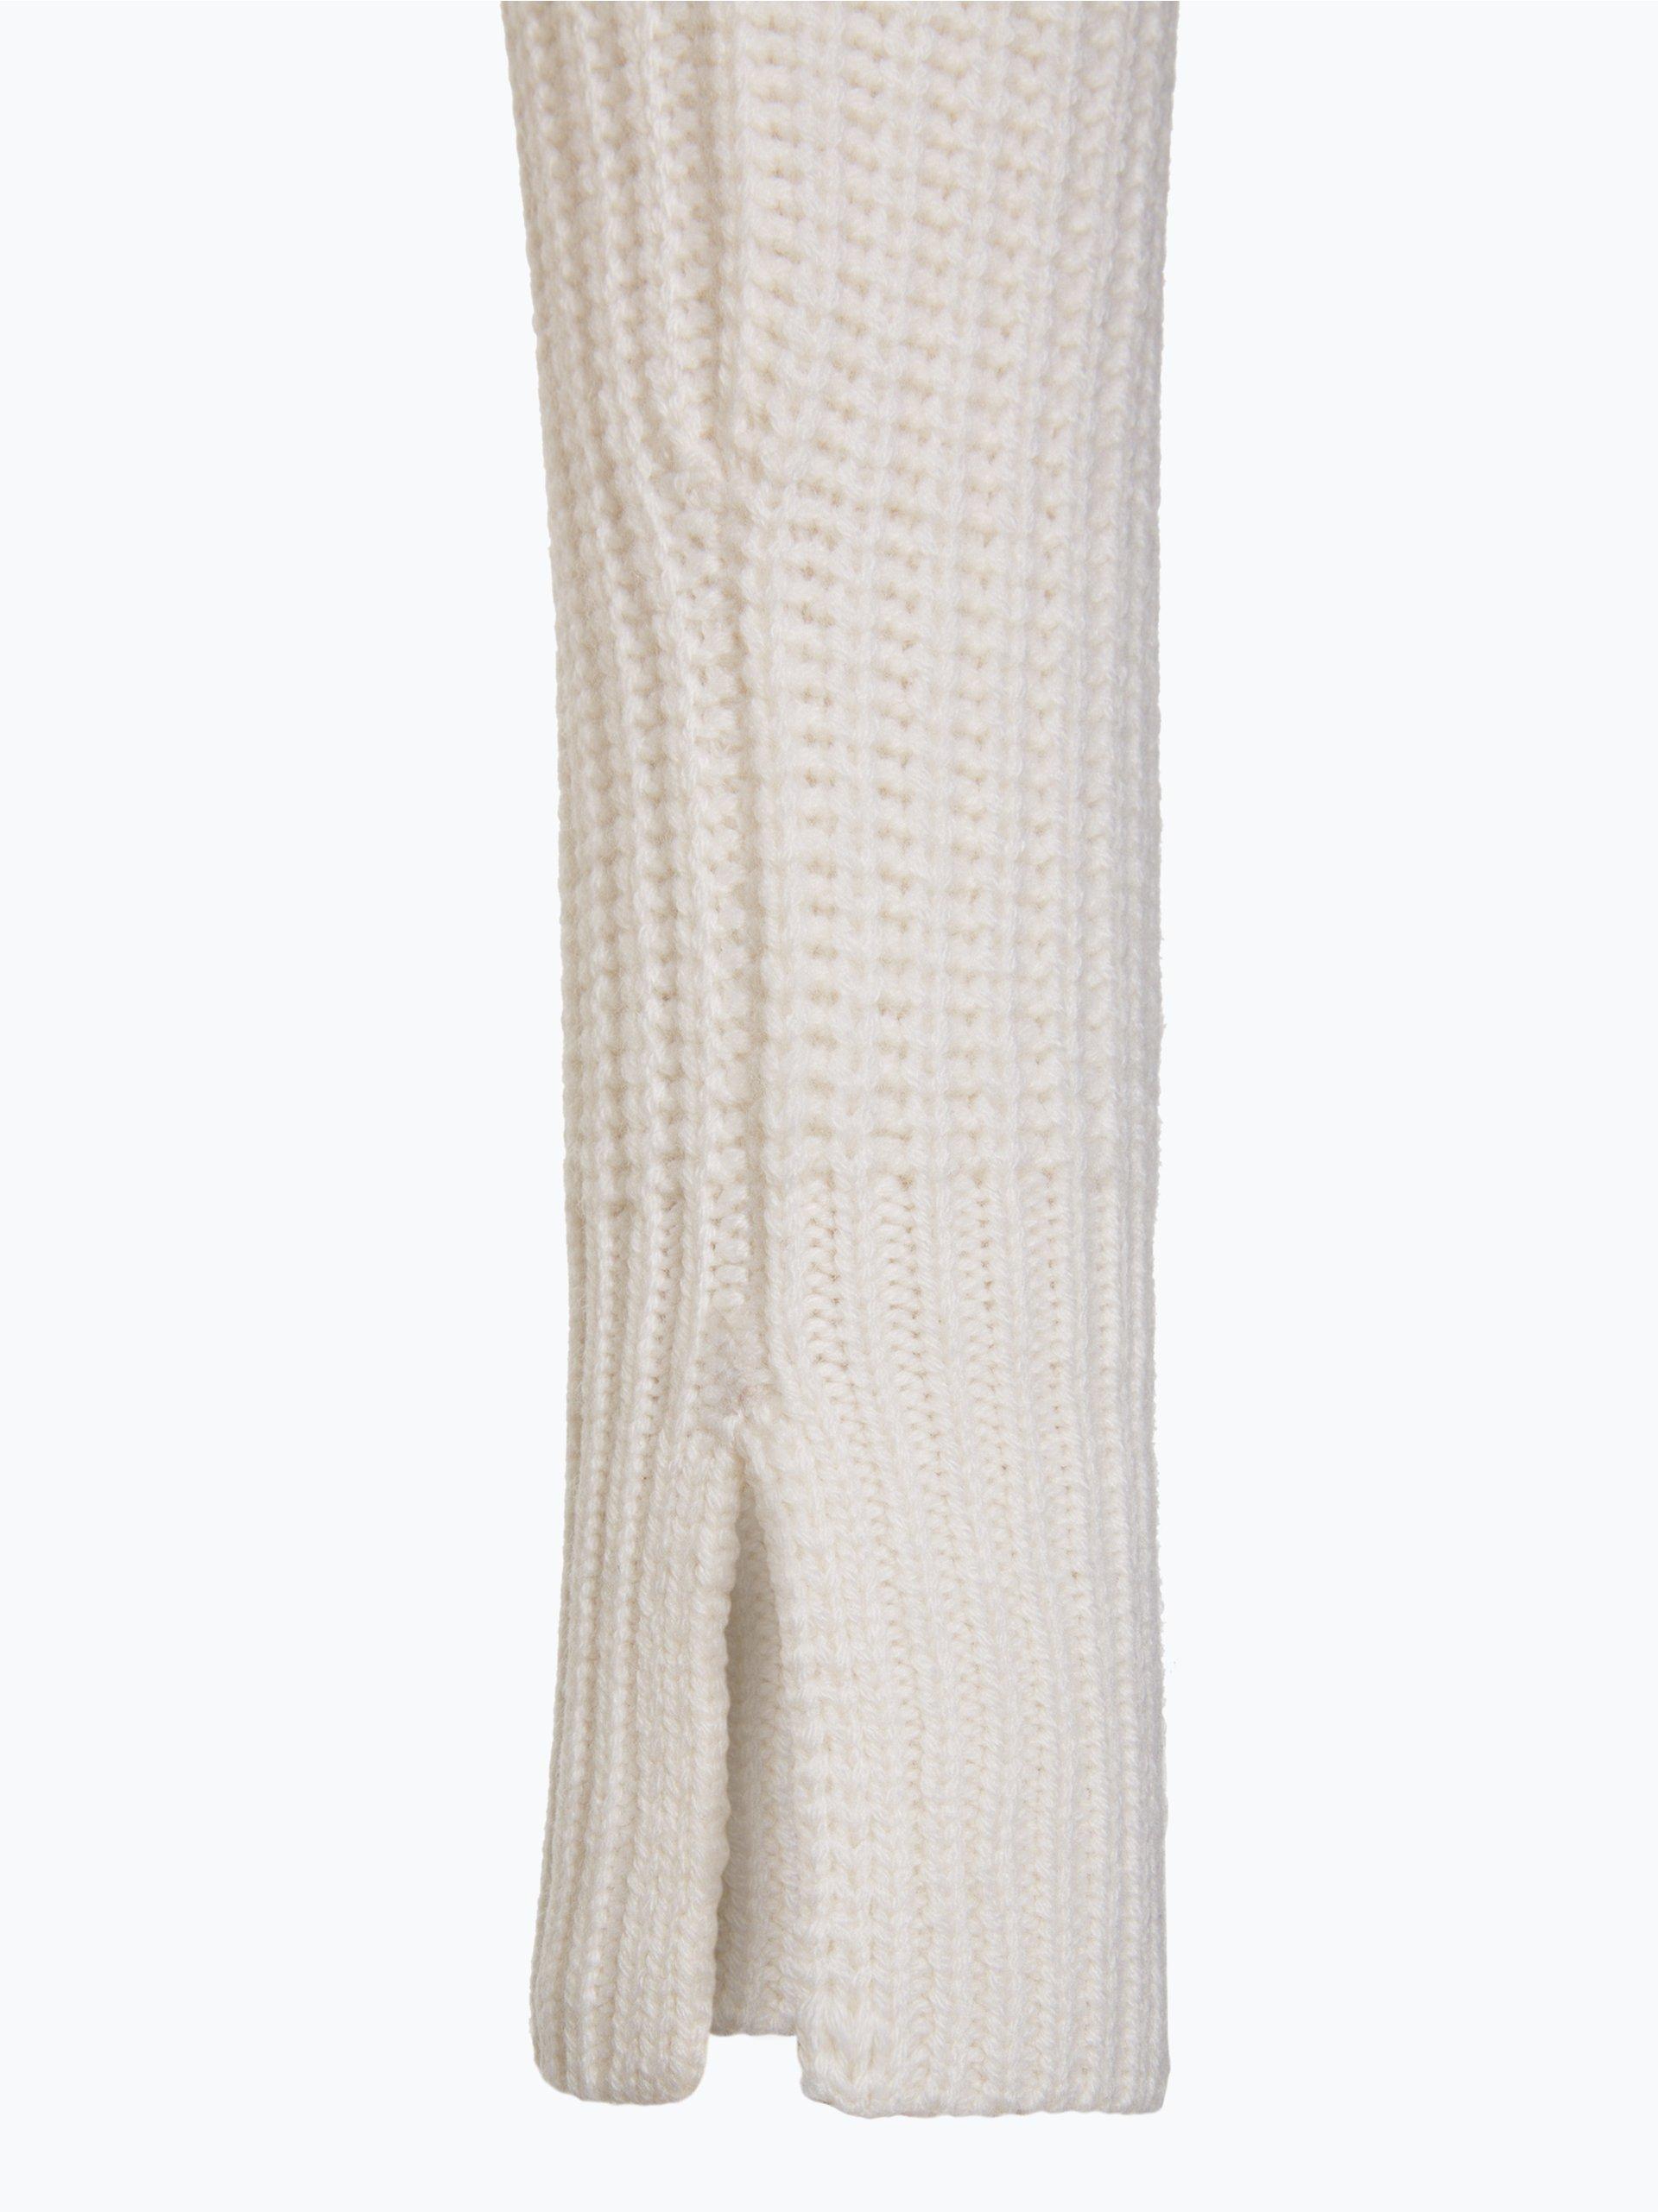 svb exquisit damen pullover mit cashmere anteil ecru uni online kaufen vangraaf com. Black Bedroom Furniture Sets. Home Design Ideas